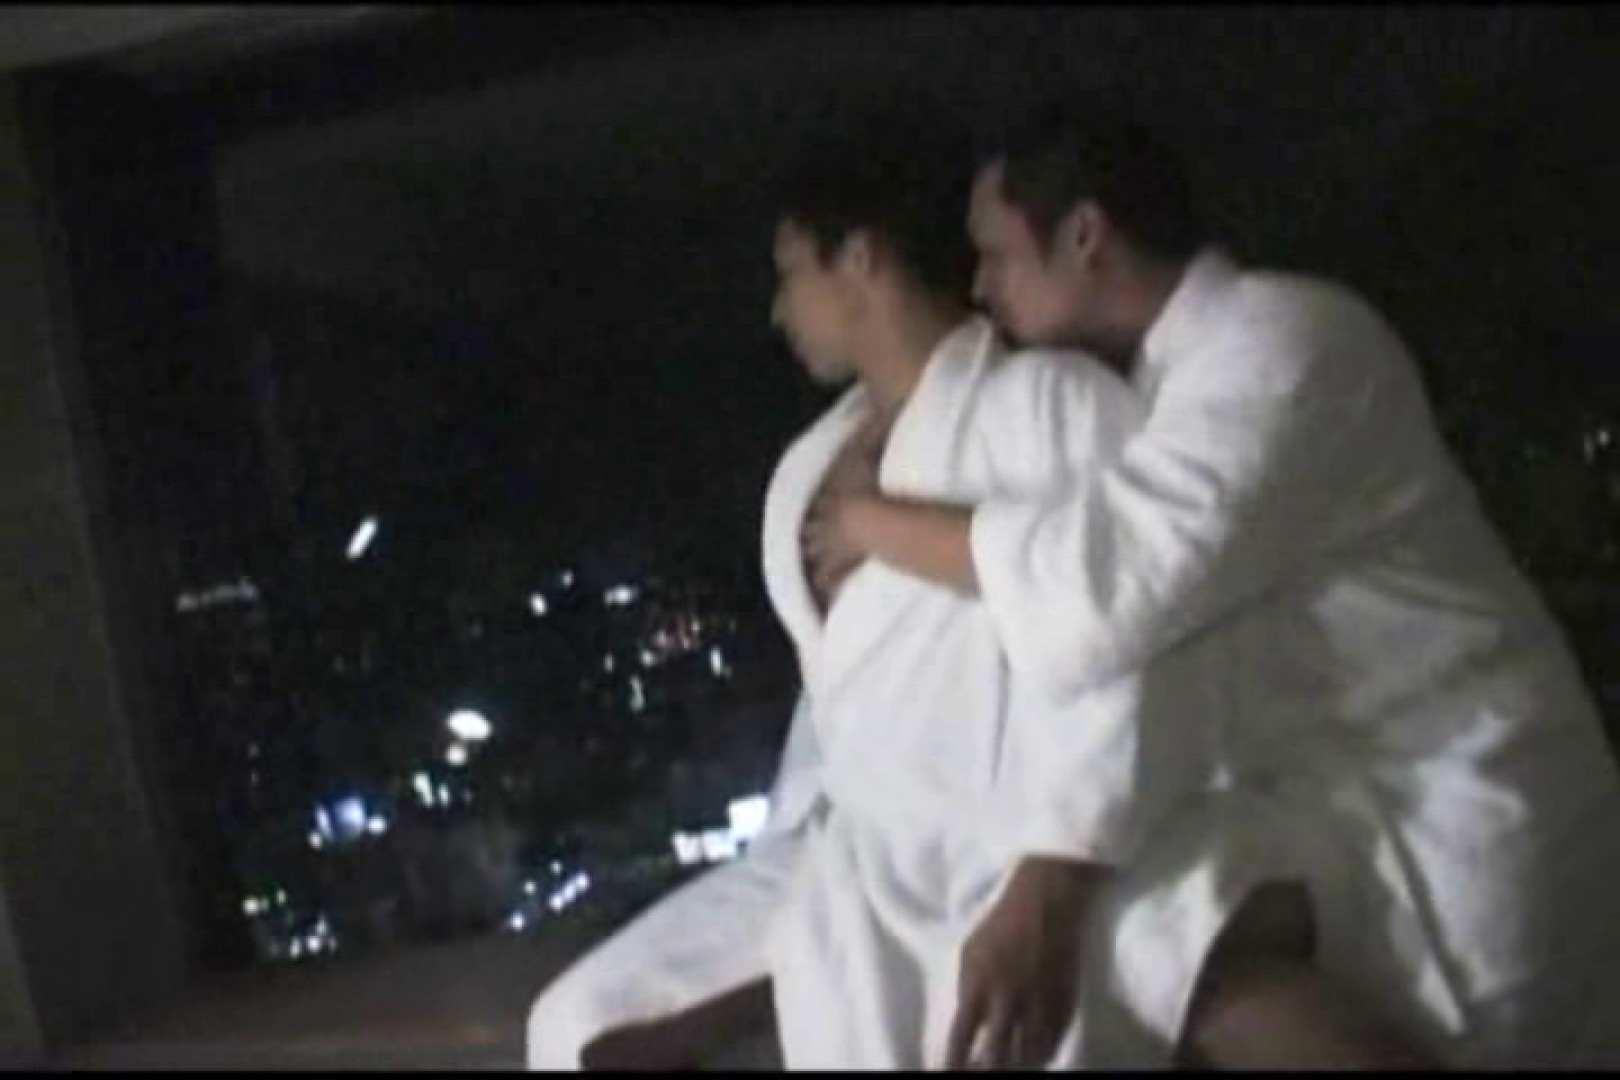 ホテルで密会!!夜景をバックに濃密ファック!! バック攻め   男の裸 ゲイ丸見え画像 78pic 1